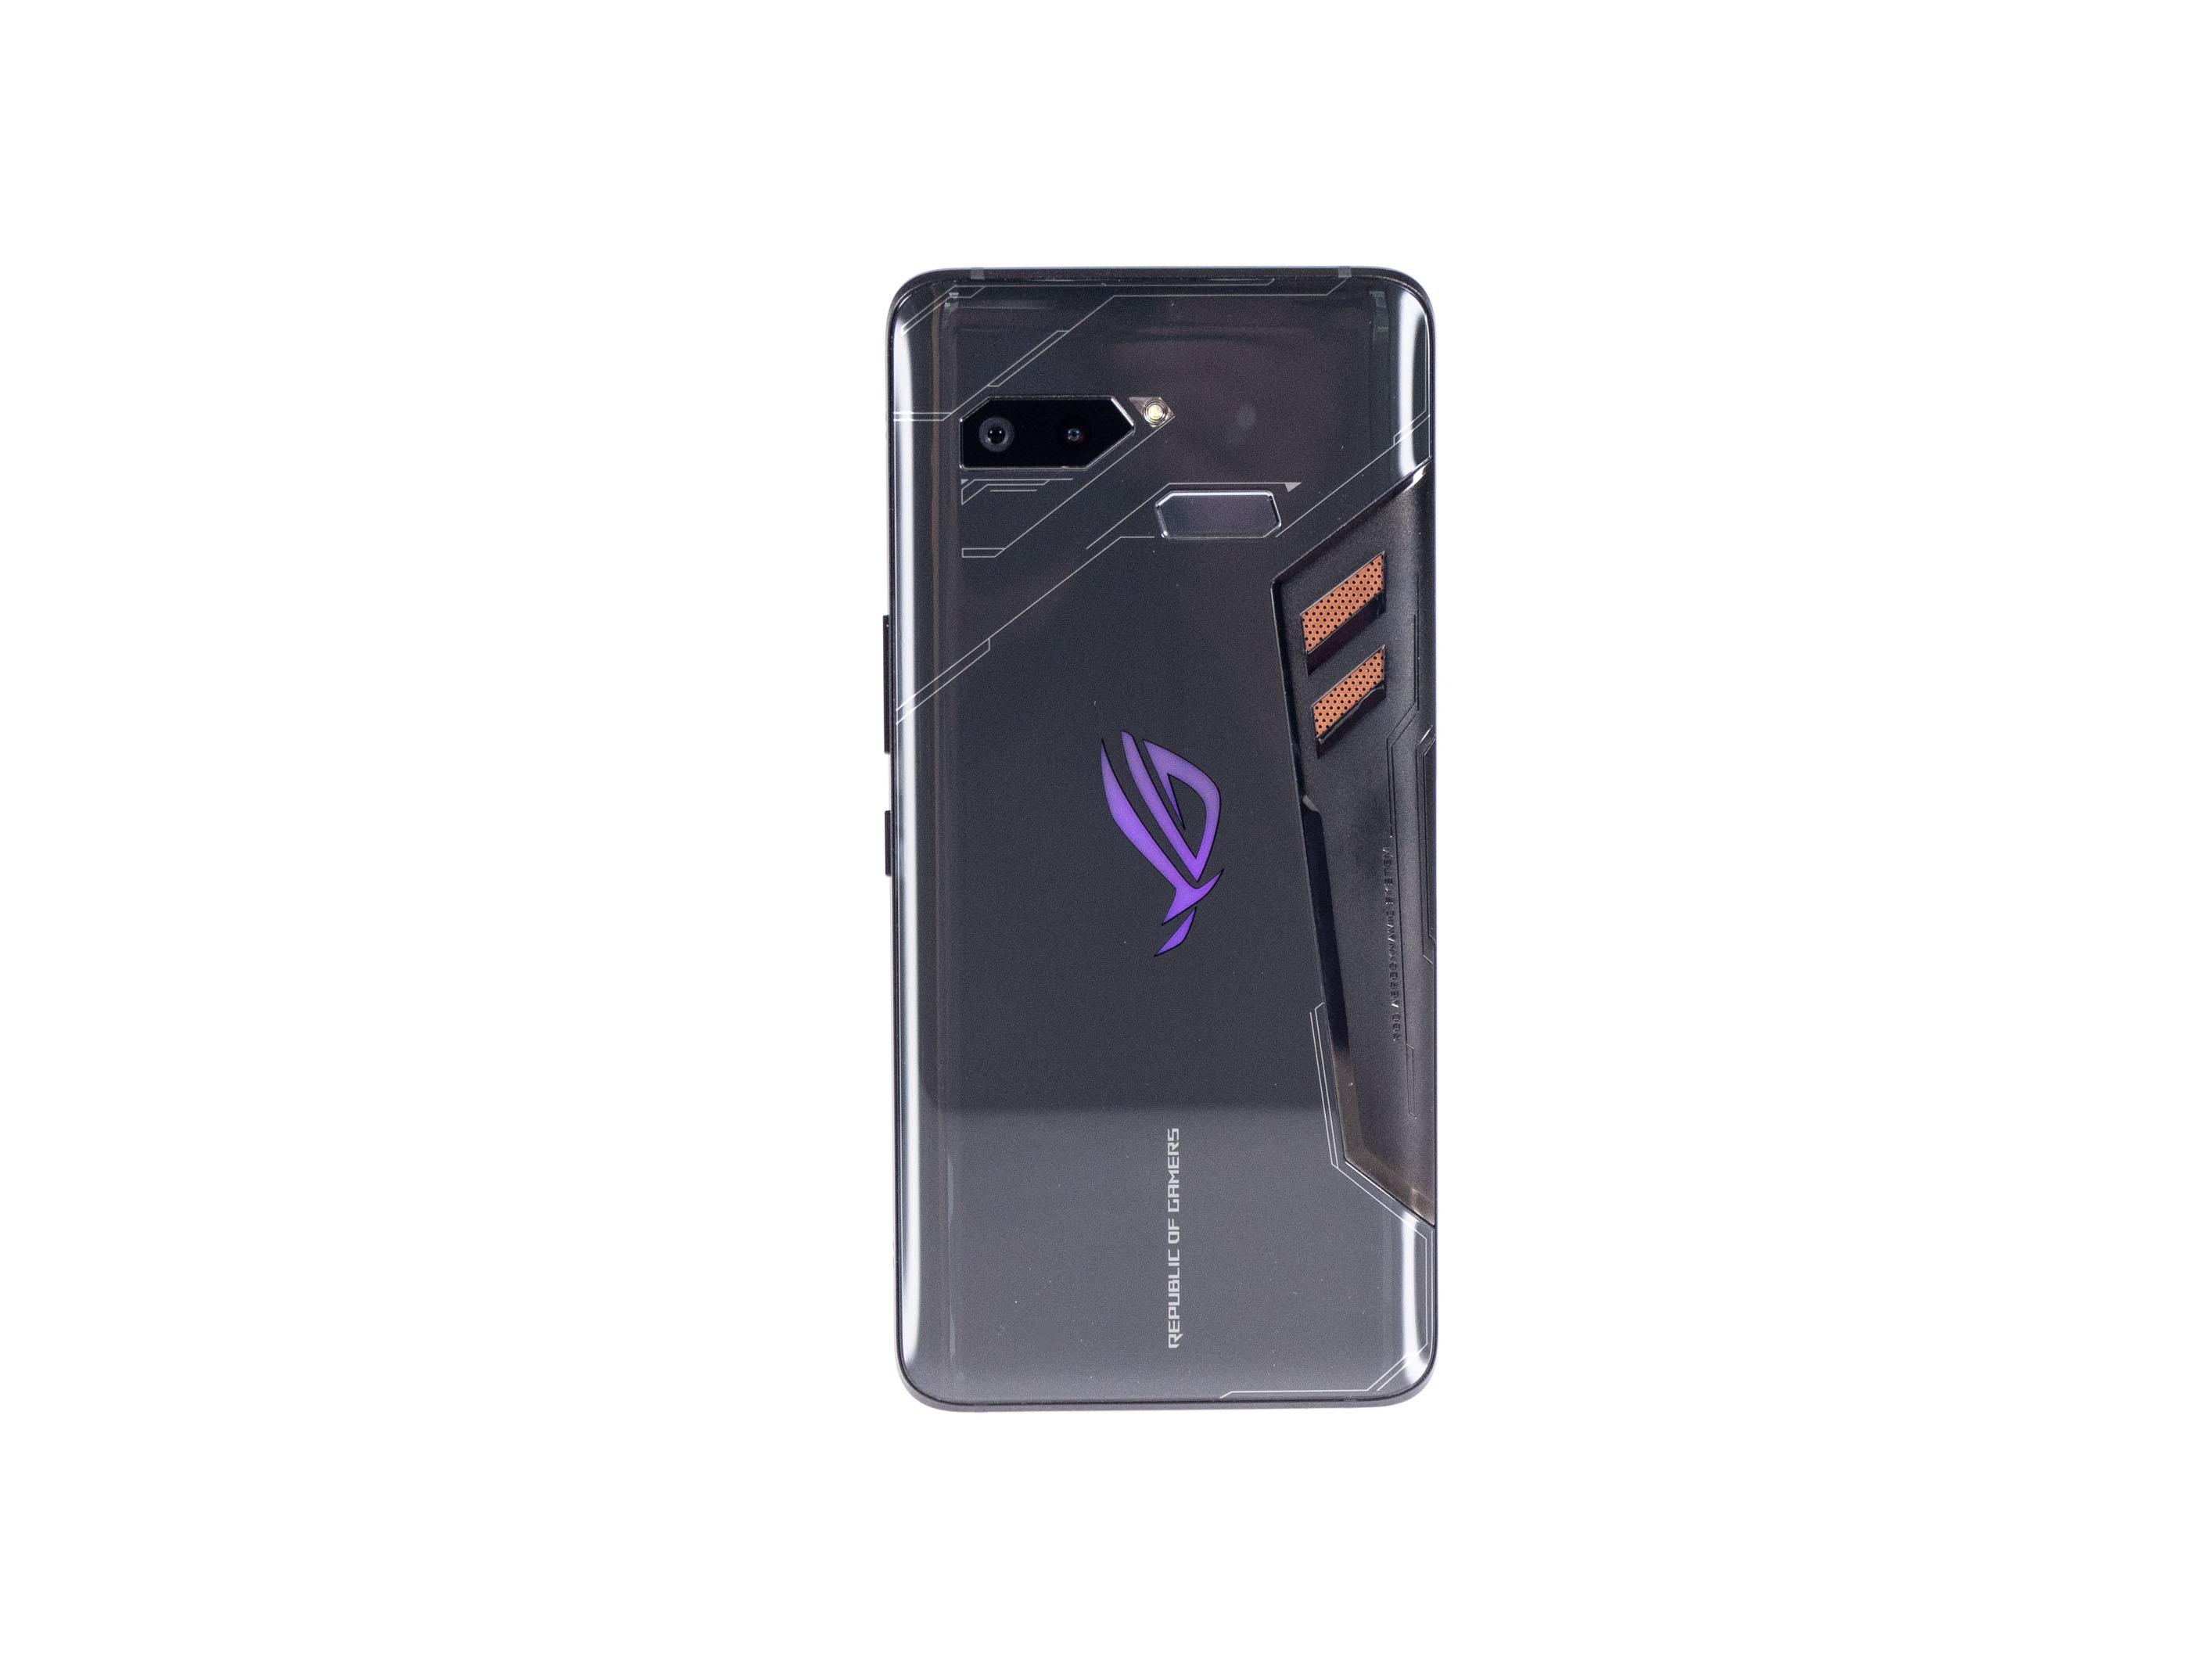 Asus ROG Phone im Test: Hauptsache RGB! - Das ROG Phone ist vom Design her deutlich erkennbar ein Gaming-Smartphone. (Bild: Martin Wolf/Golem.de)